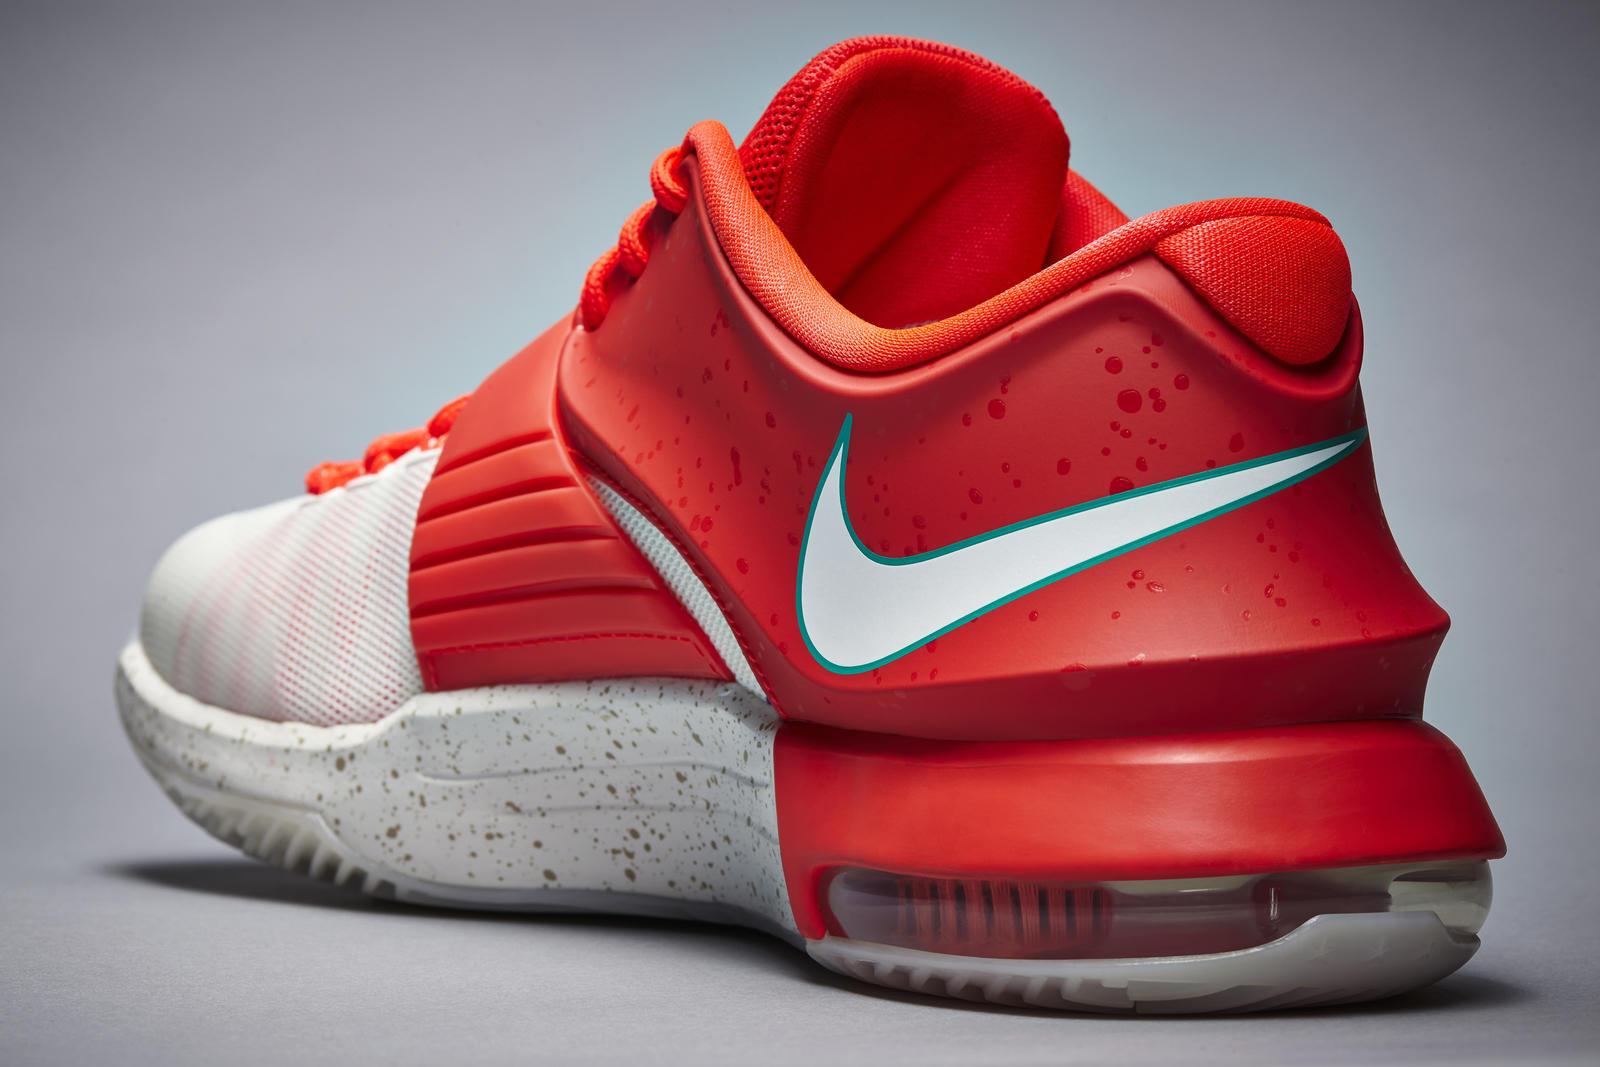 'Tis the Season: The 2014 Nike Basketball Christmas ...